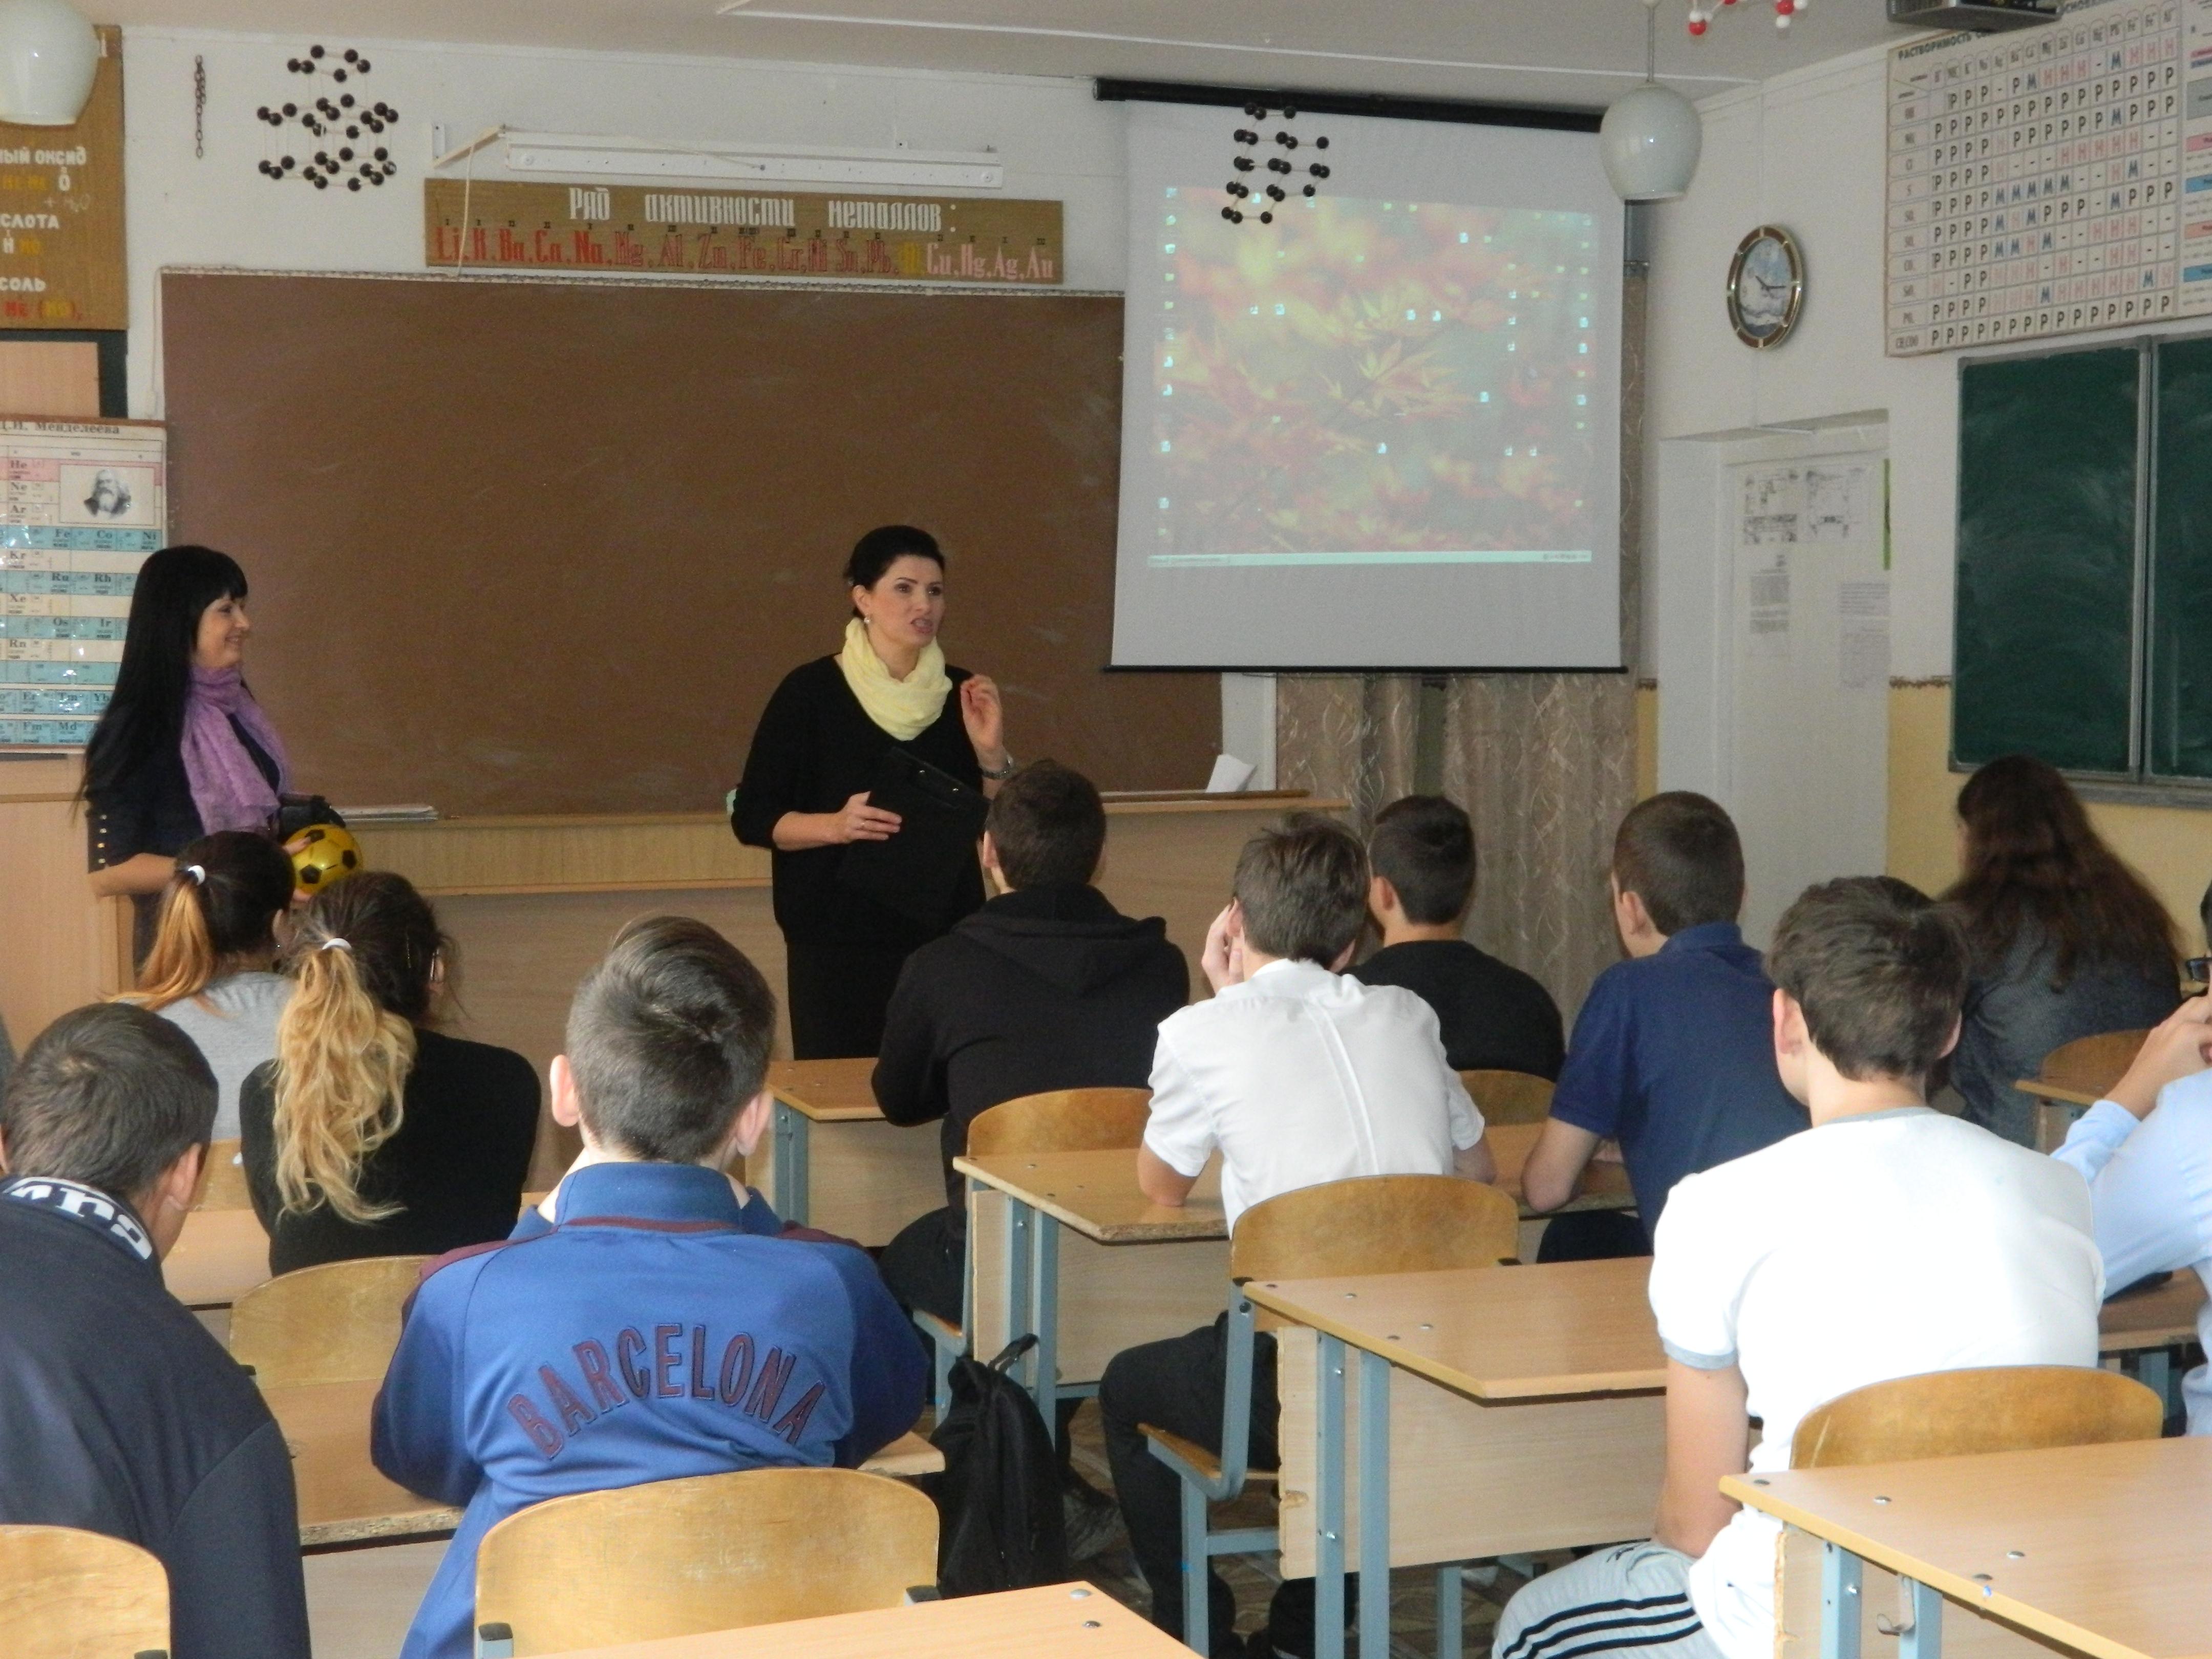 план проведения мероприятия в школе образец